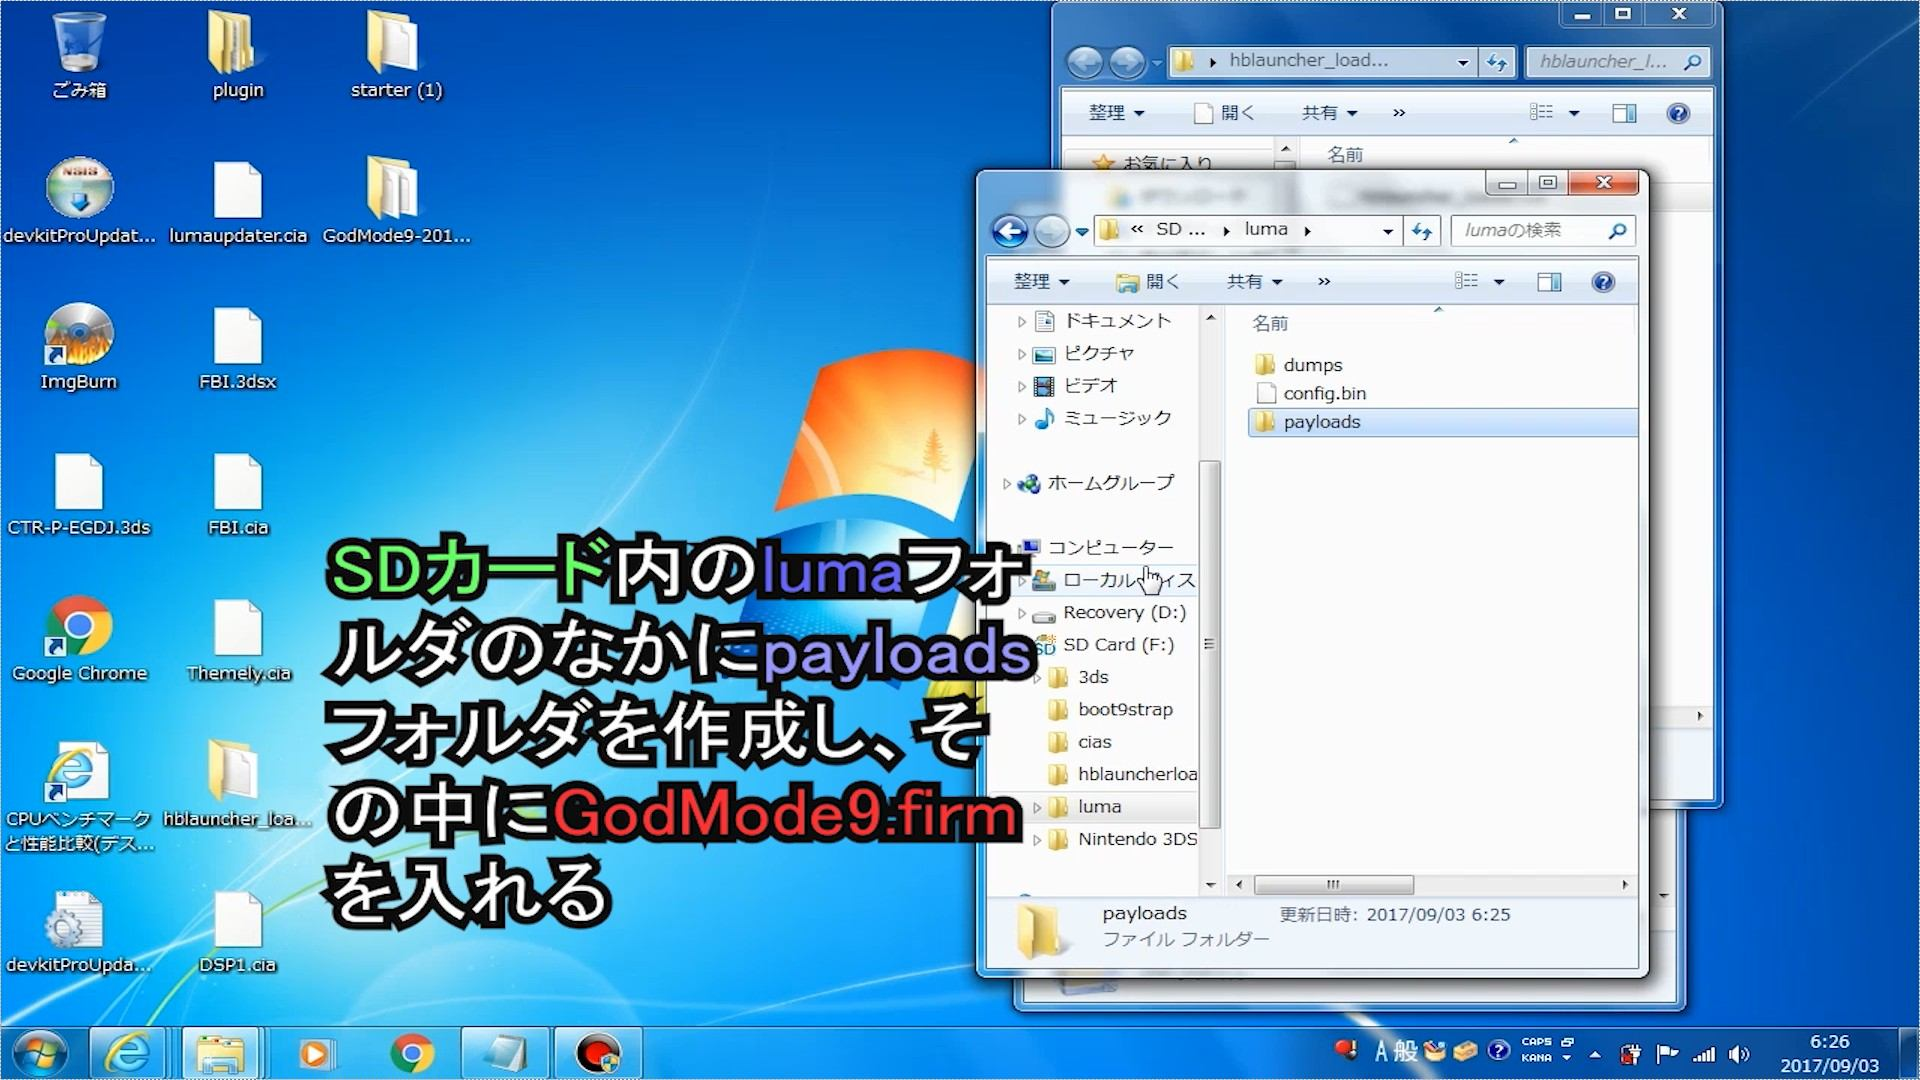 f:id:icn-network:20170905192003j:plain